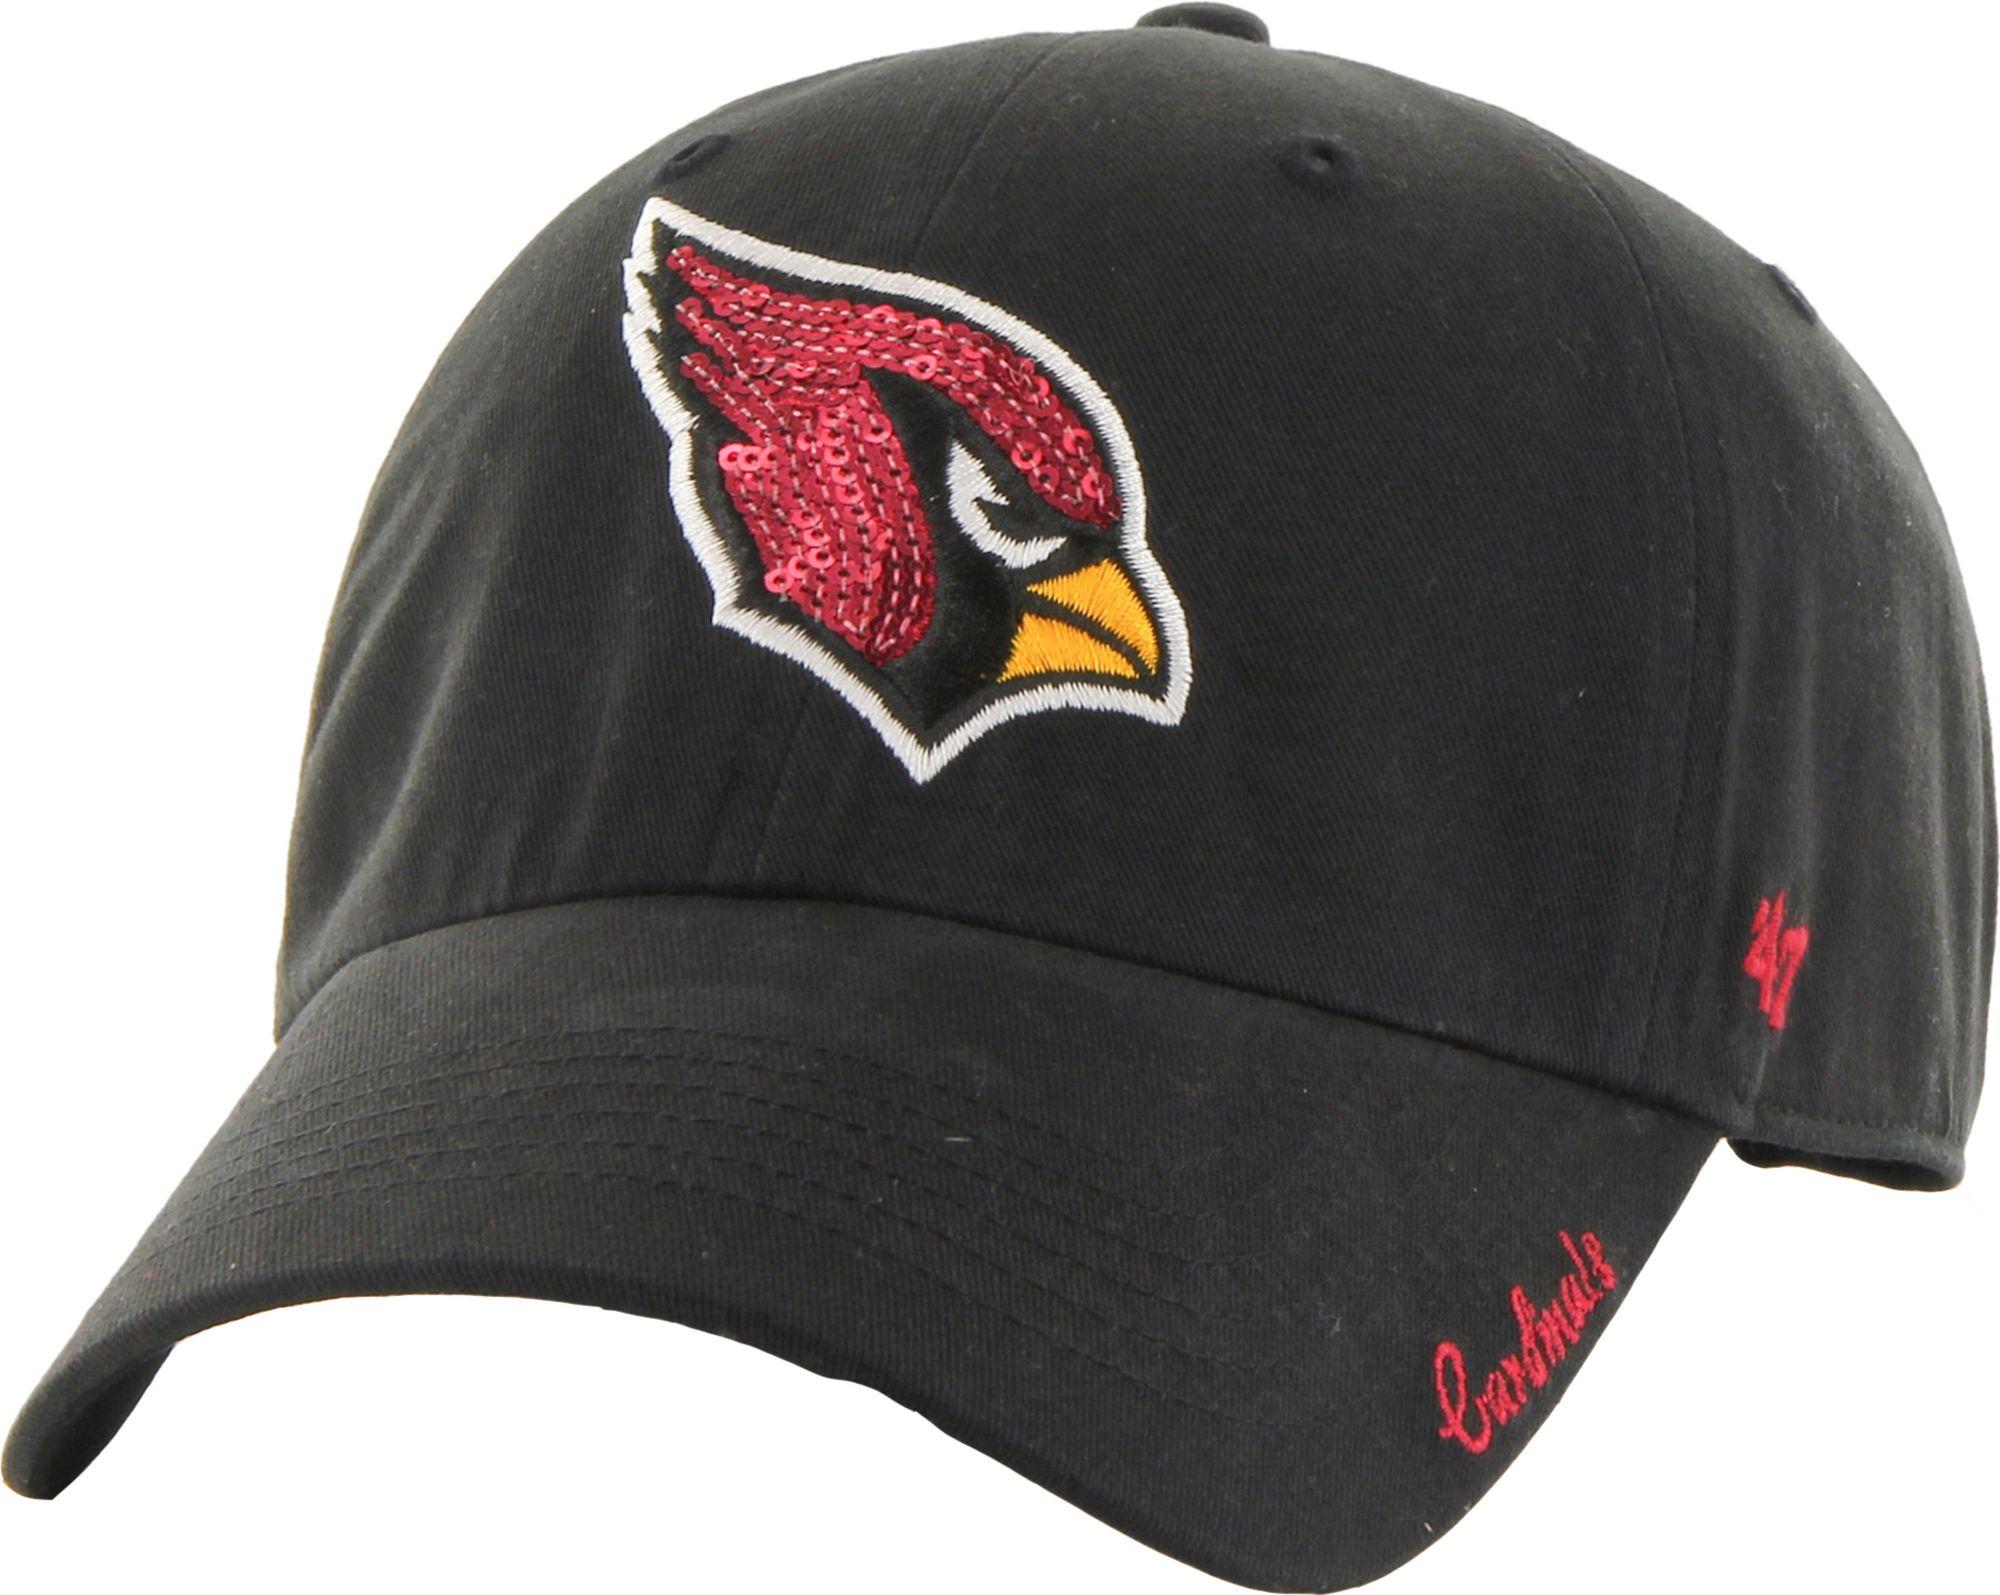 Arizona Cardinals Hats | NFL Fan Shop